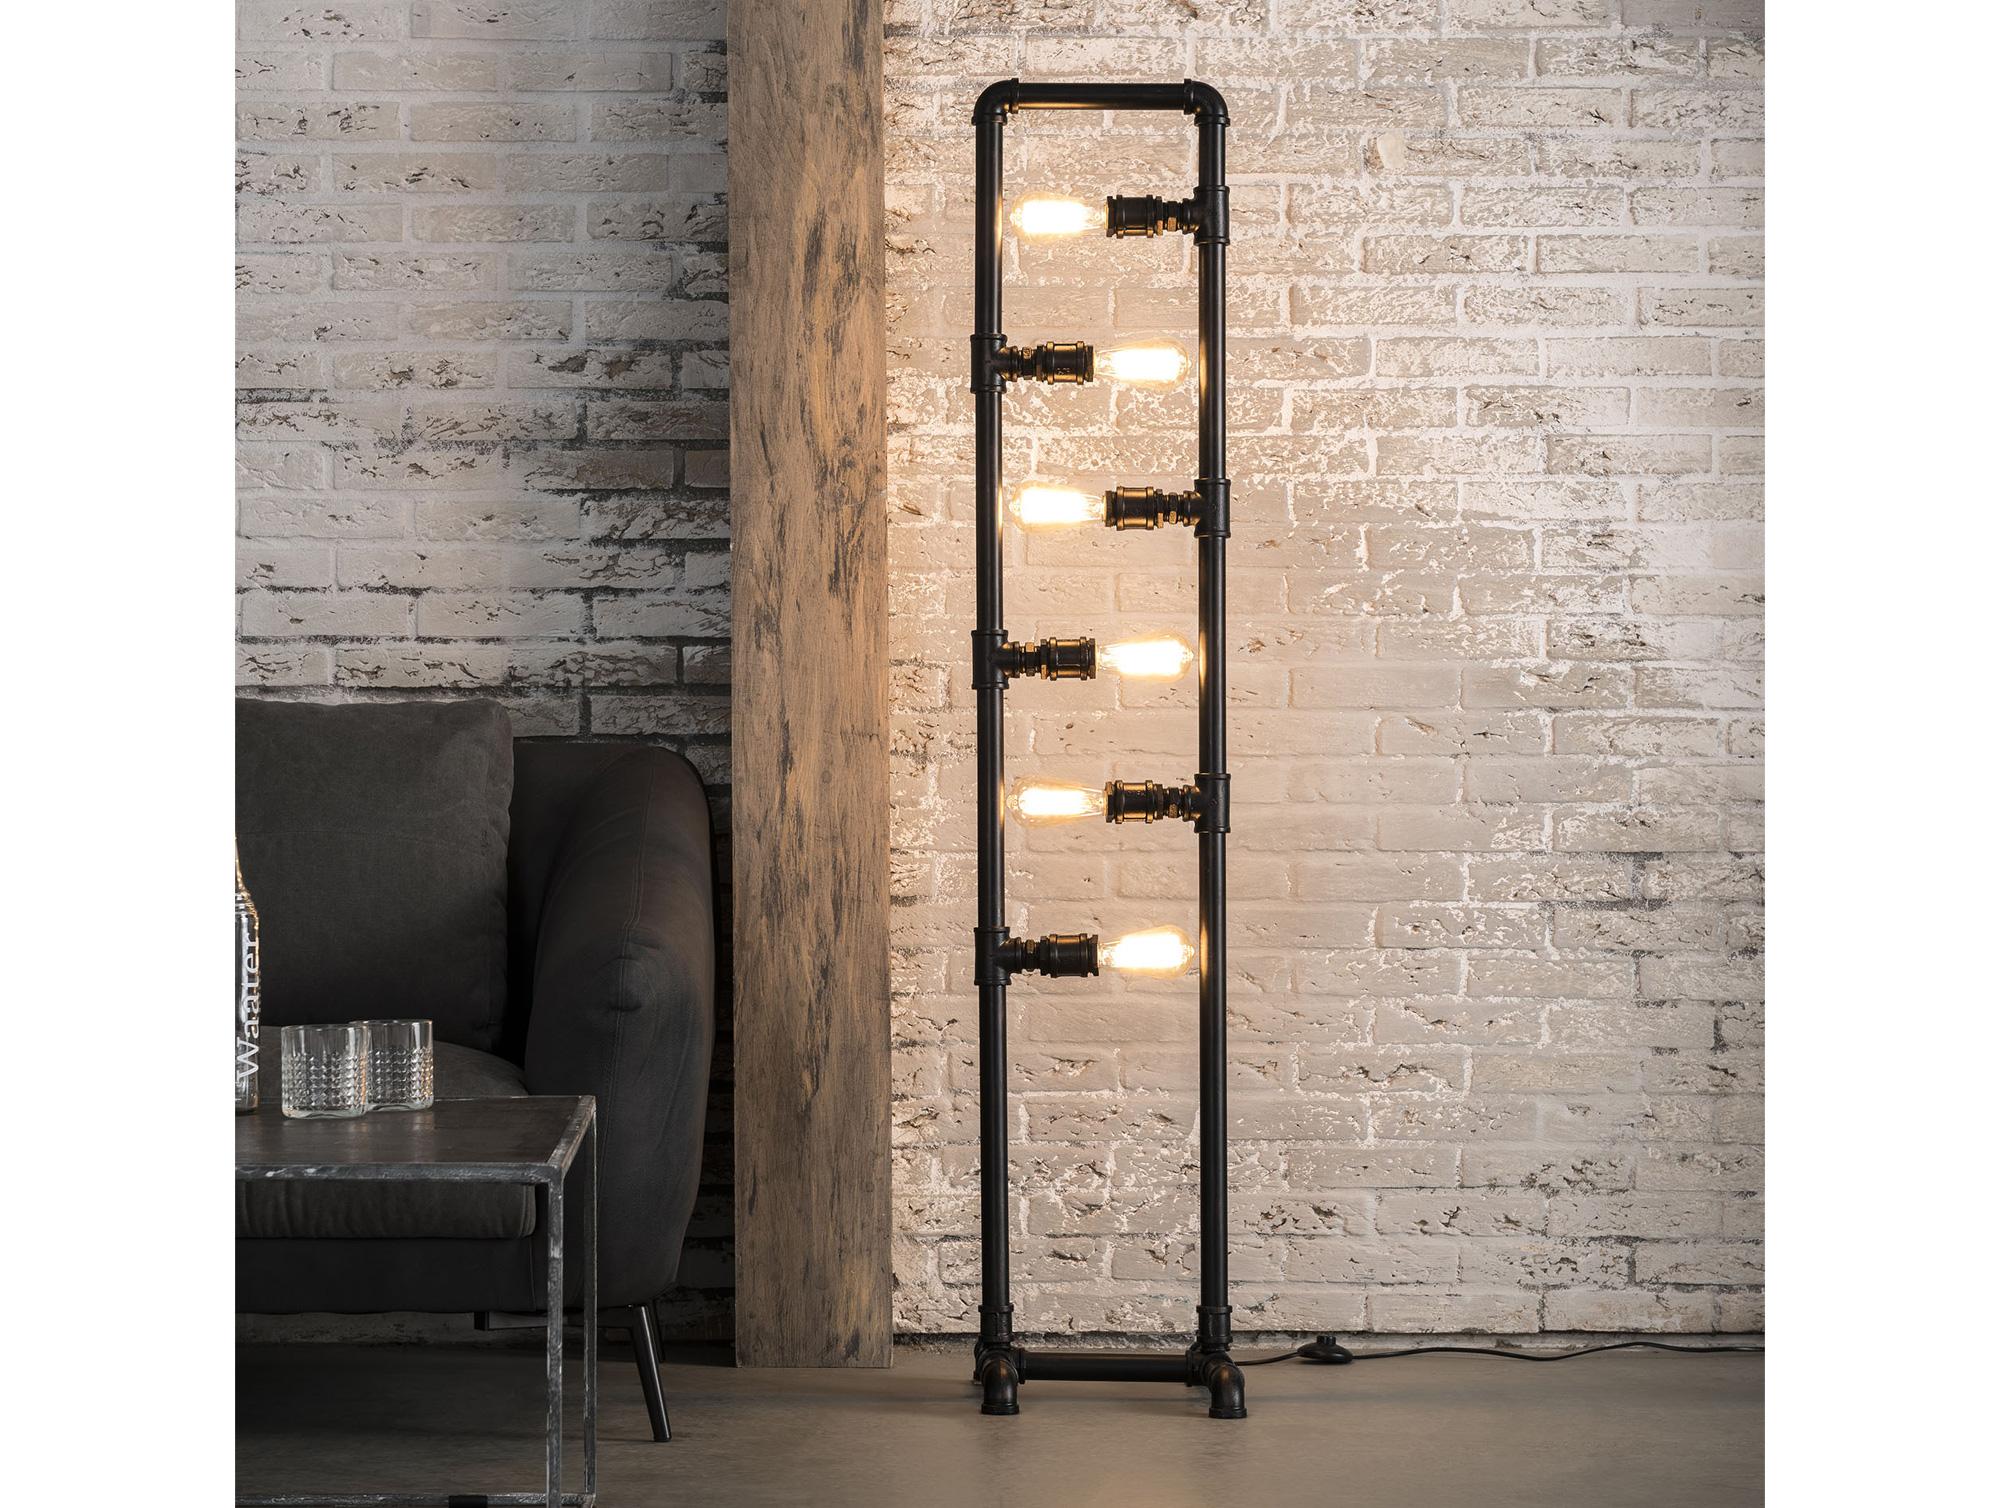 Wunderbar Stehlampe Industrial Referenz Von Brit | Tube | Metall Schwarz Passend